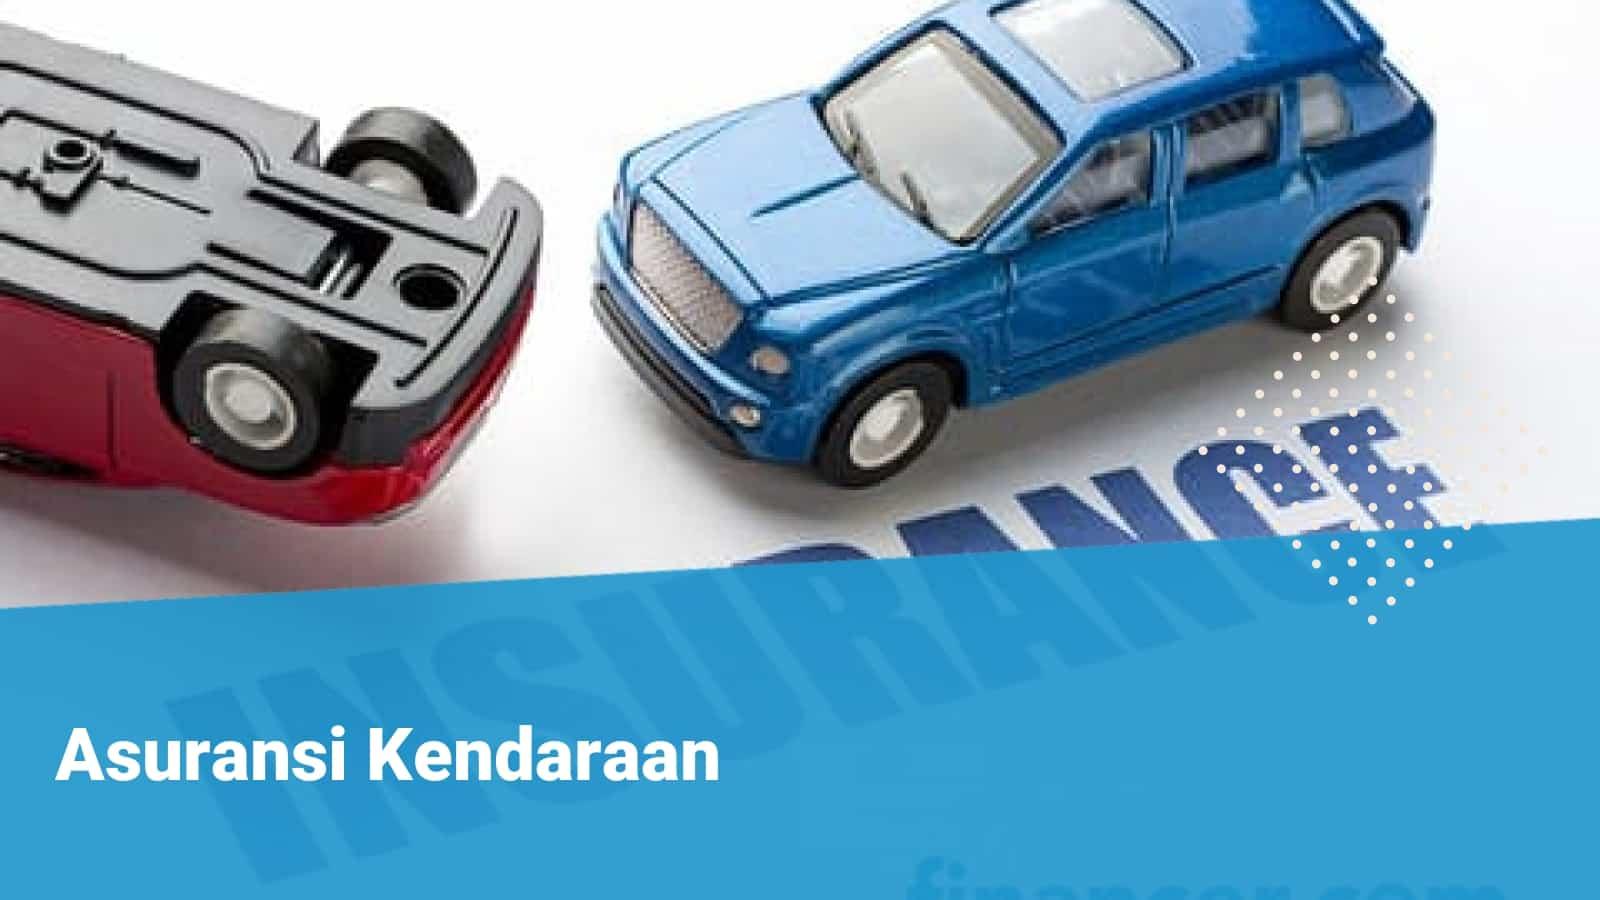 Asuransi Kendaraan - Financer.com copy